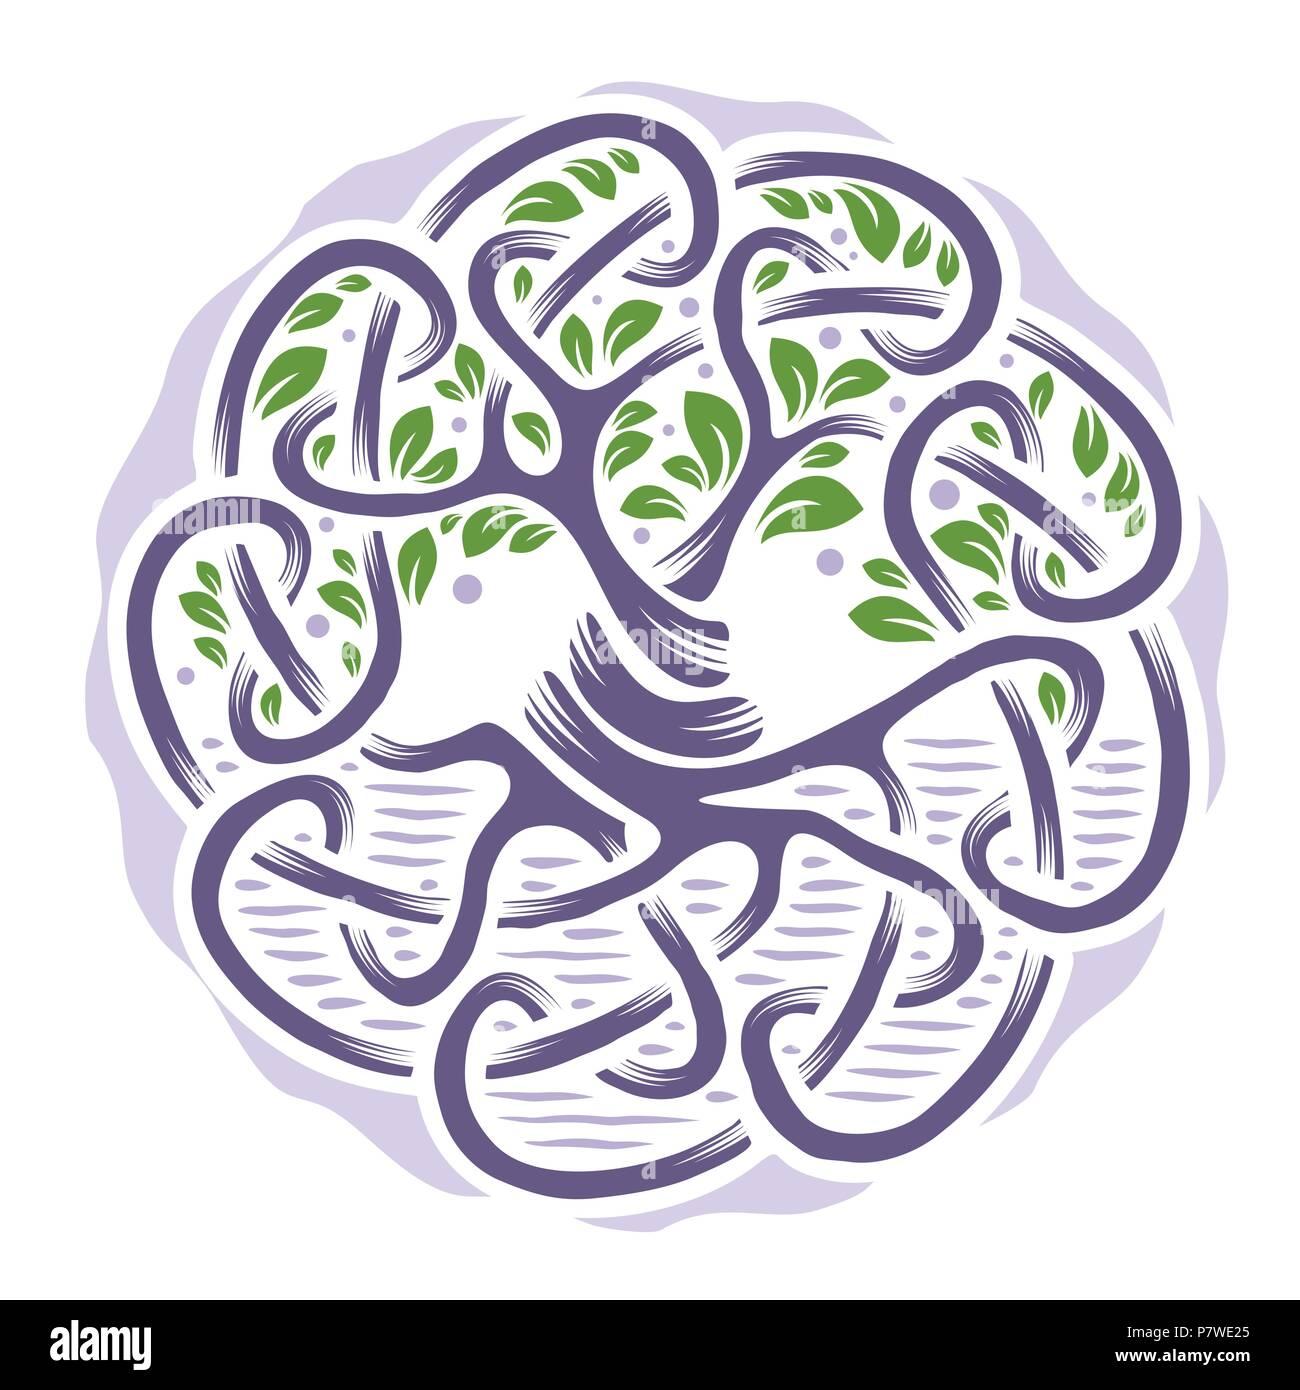 Abbildung Keltischer Baum Des Lebens Blasse Farben Vektor